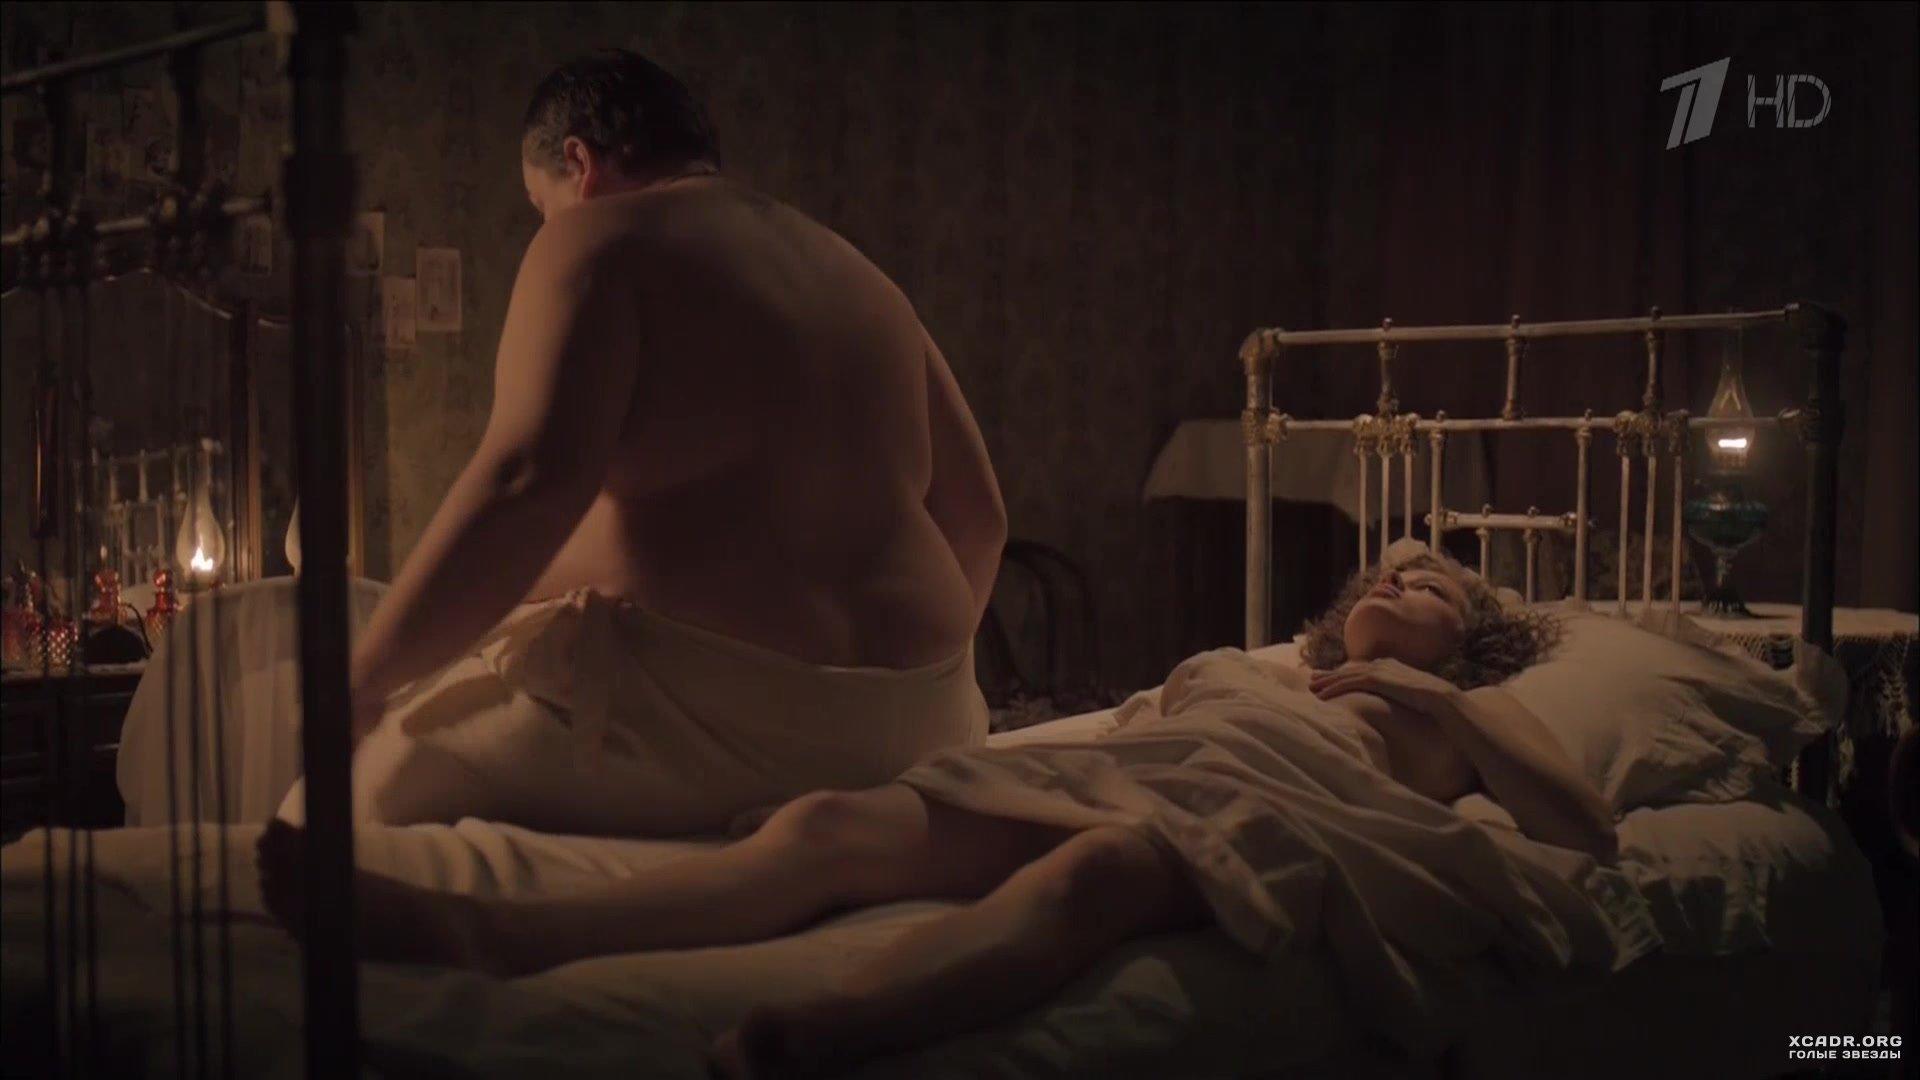 Смотреть эротические фото екатерины гусевой, Порно фото альбом голая Екатерина Гусева, секс фото 23 фотография